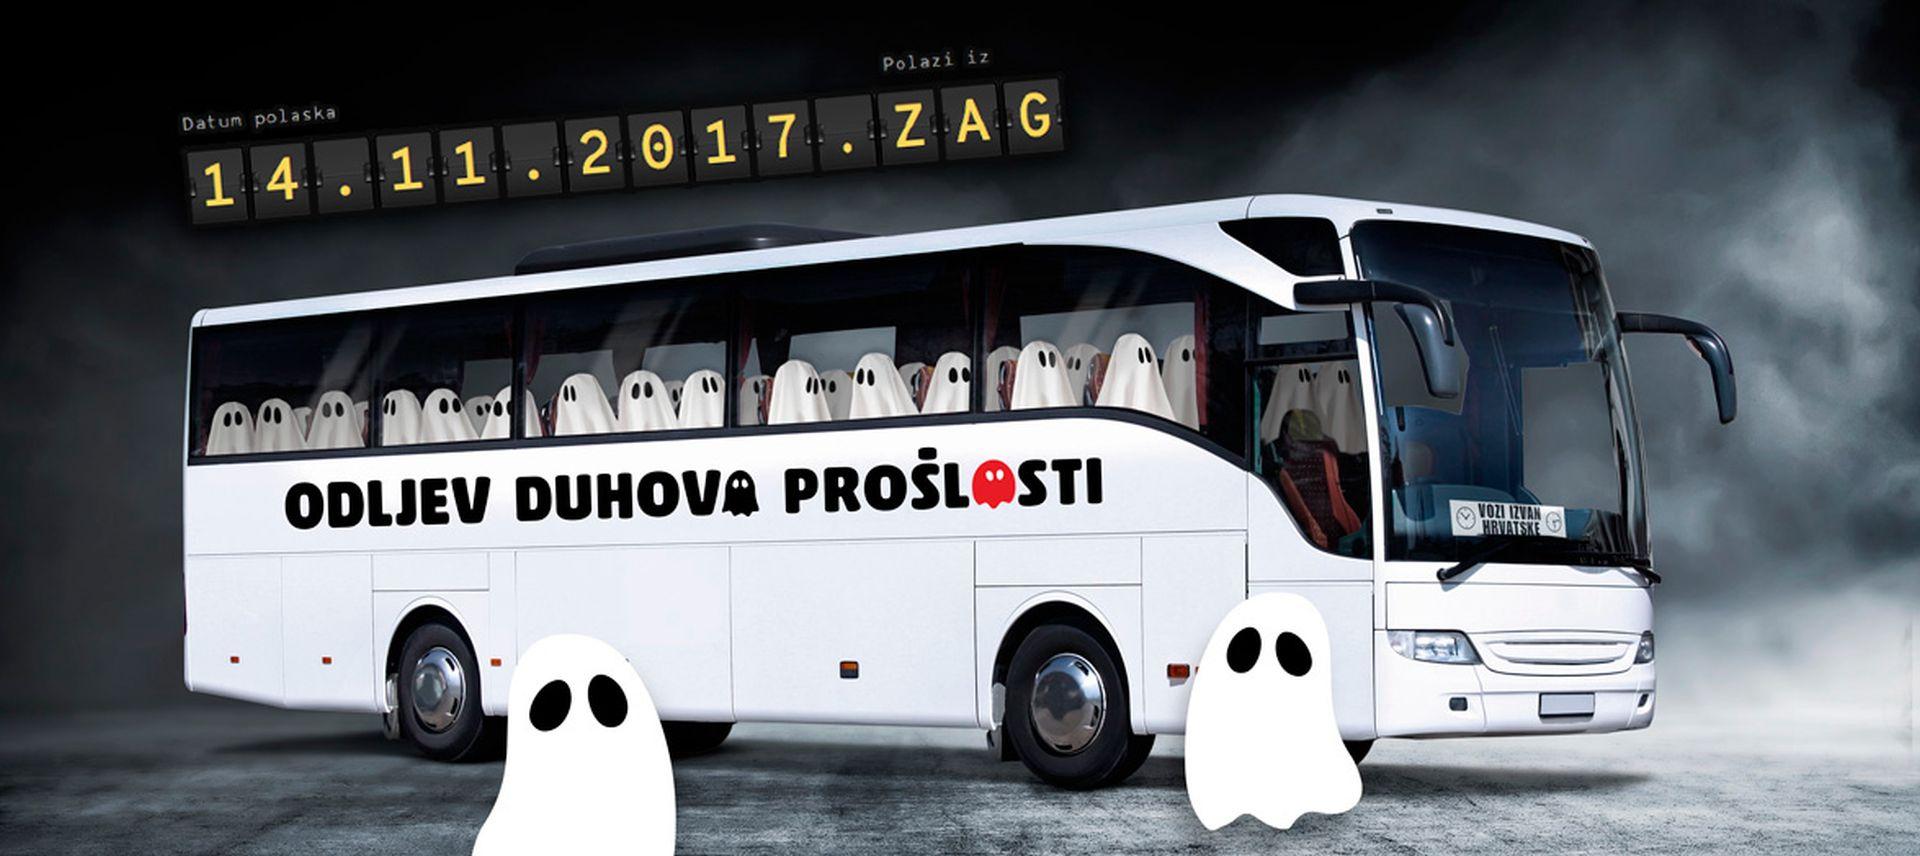 """SIMBOLIČNI """"ZBOGOM"""" IDEOLOGIJAMA I MITOVIMA Sutra (utorak) polazi autobus s duhovima prošlosti Titom, Pavelićem, Tuđmanom…"""